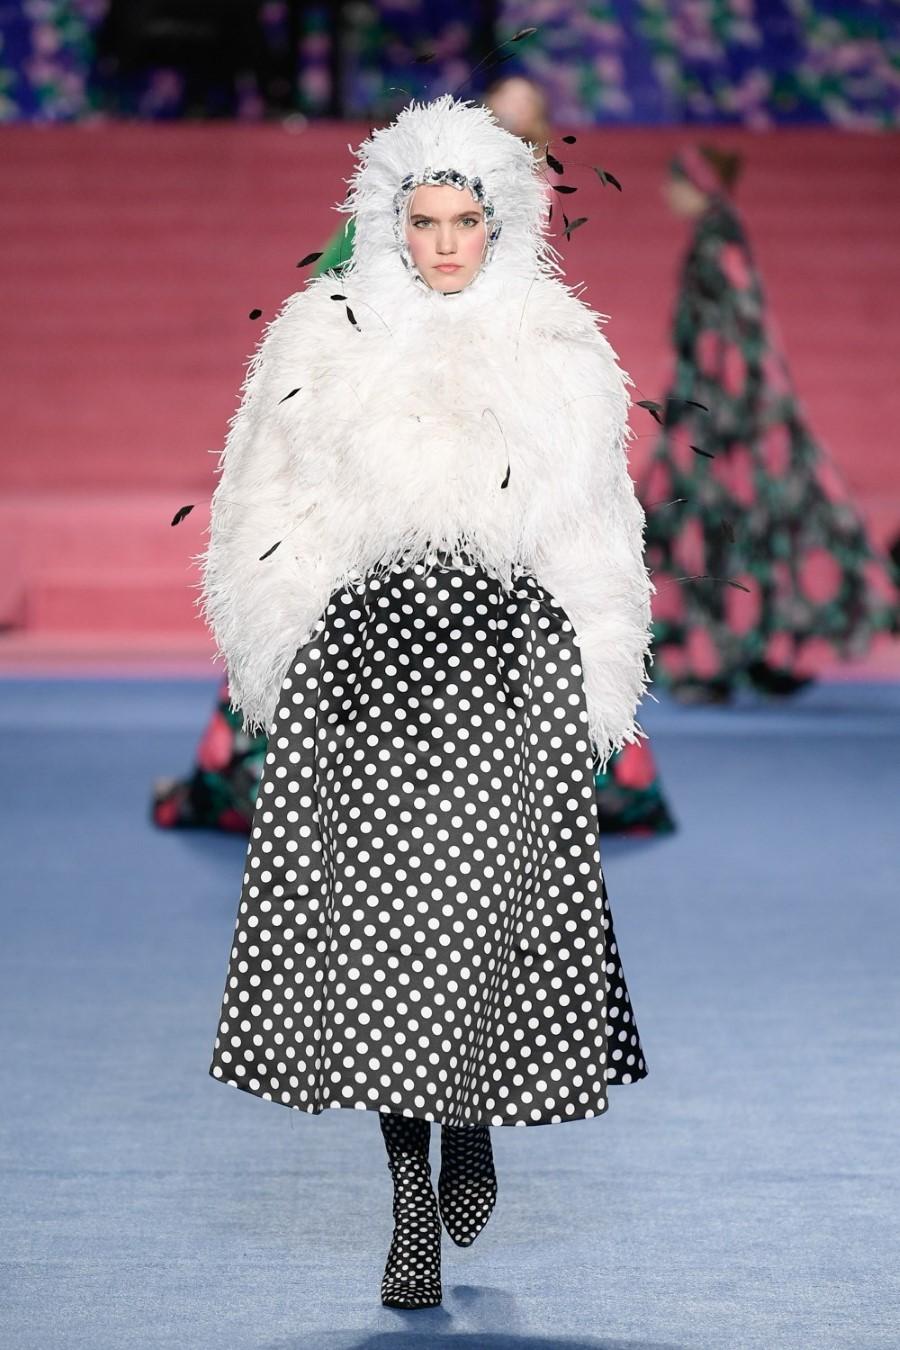 Richard Quinn - Fall Winter 2020 - London Fashion WeekRichard Quinn - Fall Winter 2020 - London Fashion Week